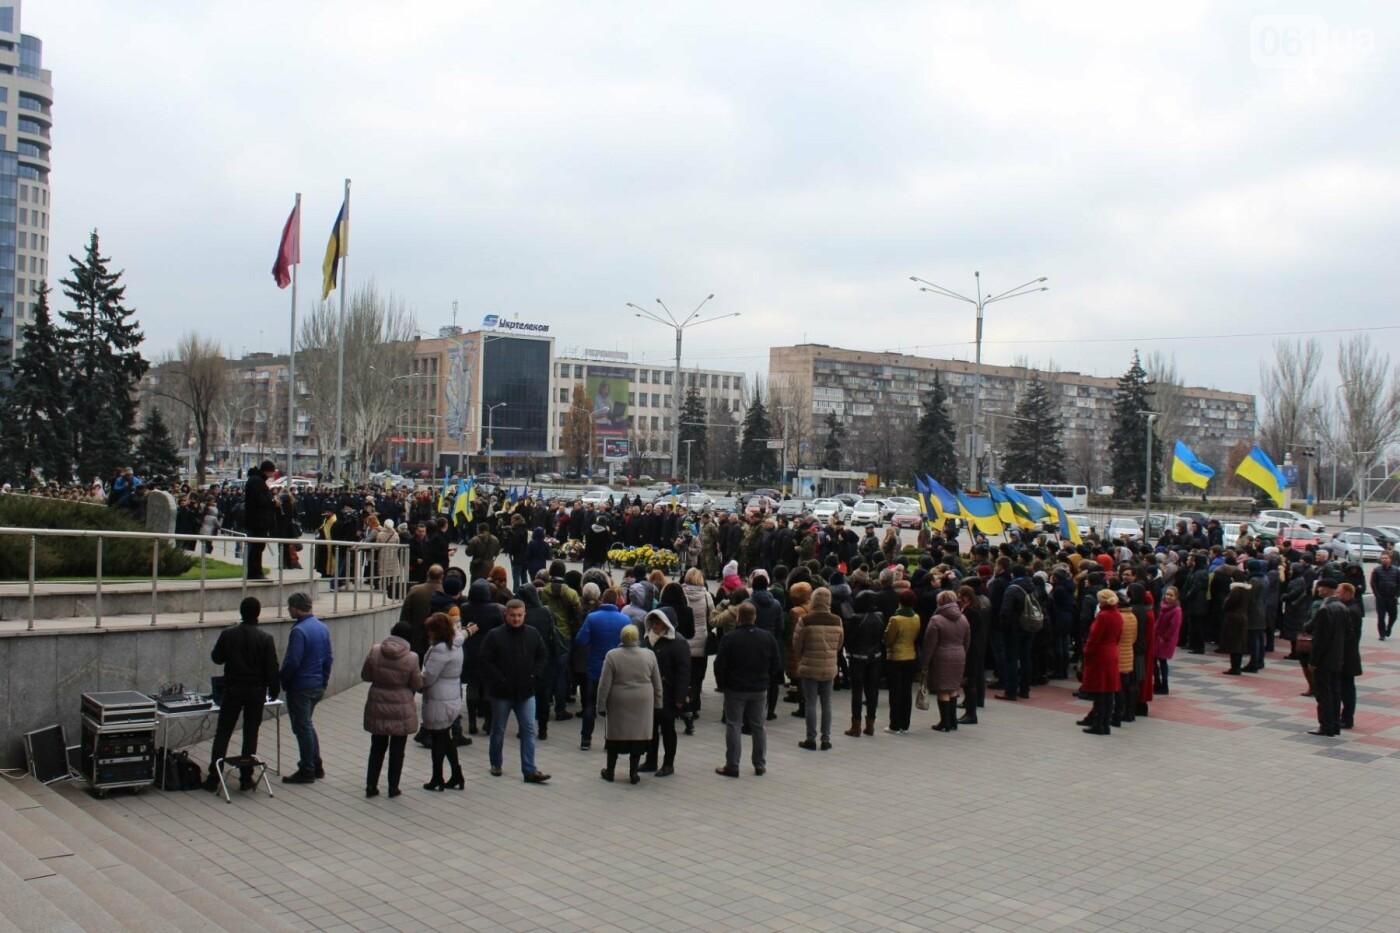 В Запорожье на митинге возле ОГА отметили День достоинства и свободы, — ФОТОРЕПОРТАЖ, фото-3